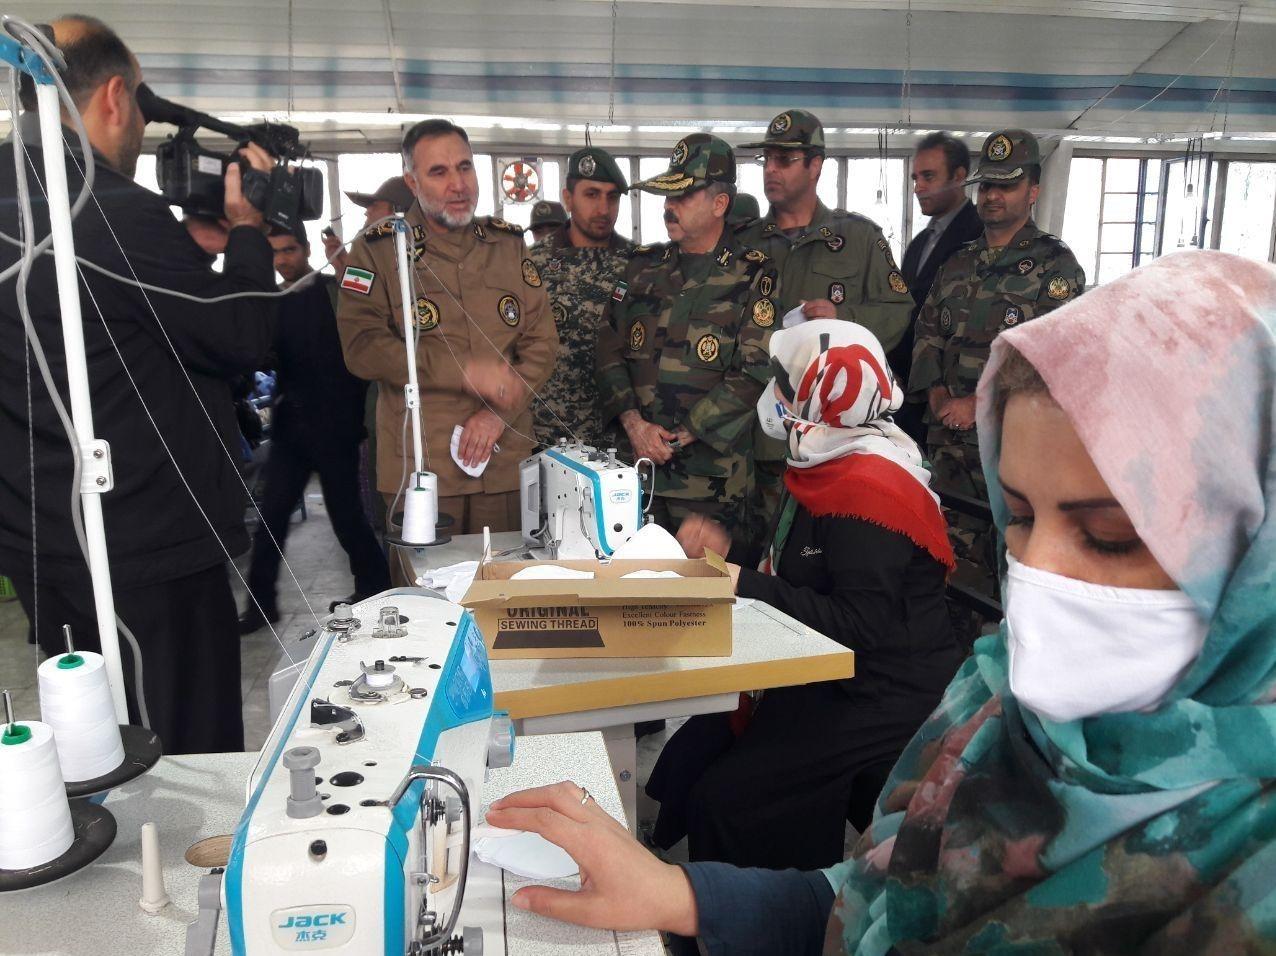 آجا   ارتش   ارتش جمهوری اسلامی ایران , نزاجا   نیروی زمینی ارتش , ویروس کرونا ,